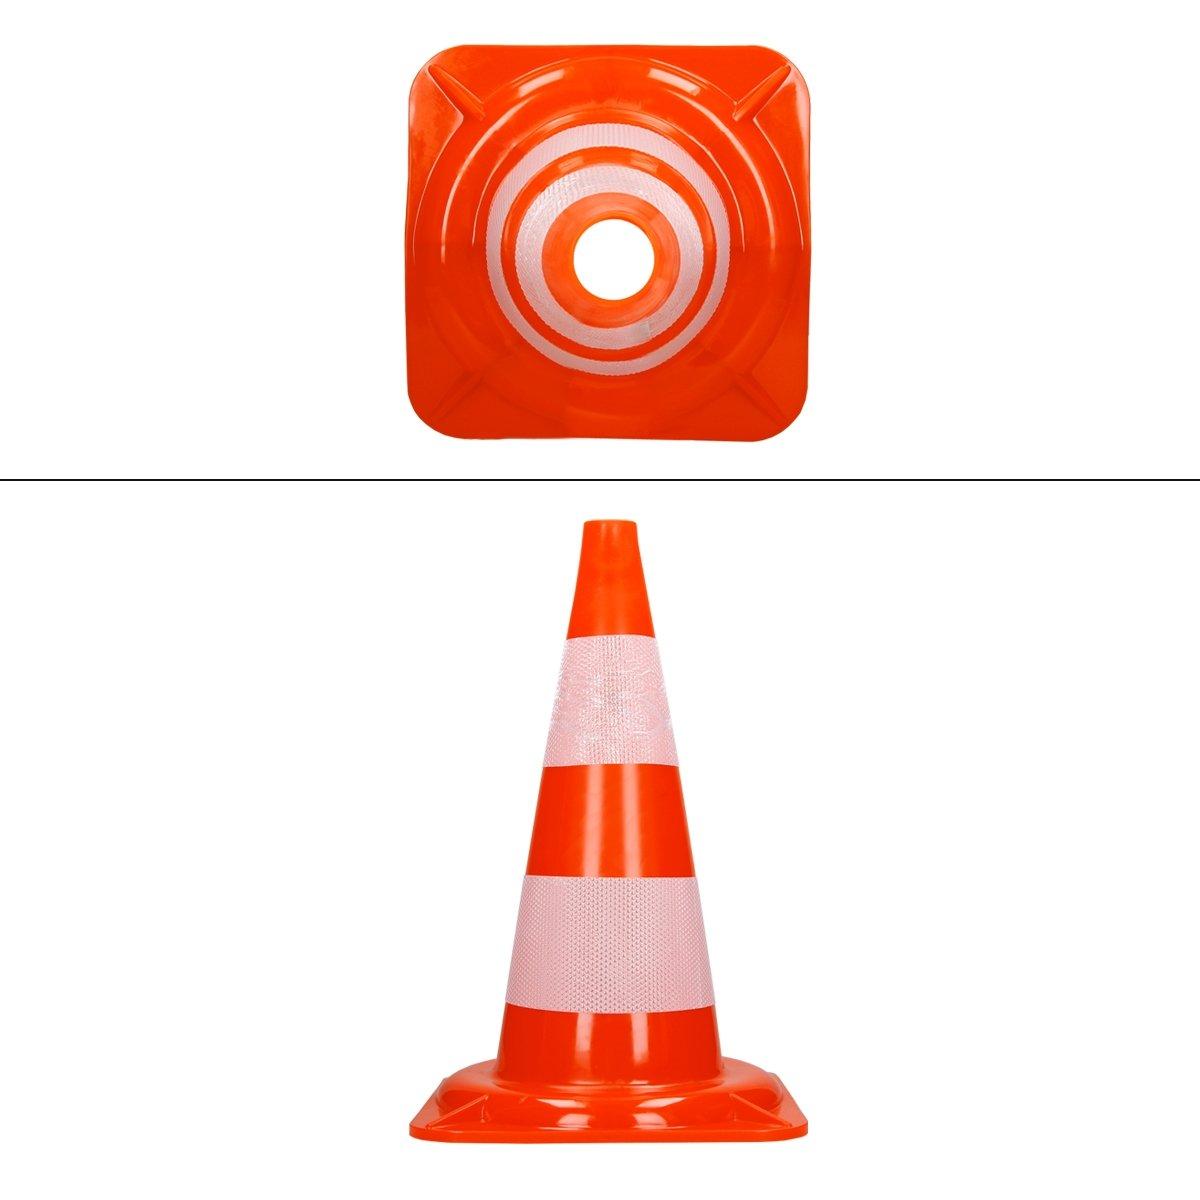 Warnkegel Leitkegel Pylonen Markierungsh/ütchen Verkehrsh/ütchen Kegel Leitkegel orange-wei/ß 47 cm hoch ECD Germany 10 STK Pylone Verkehrsleitkegel